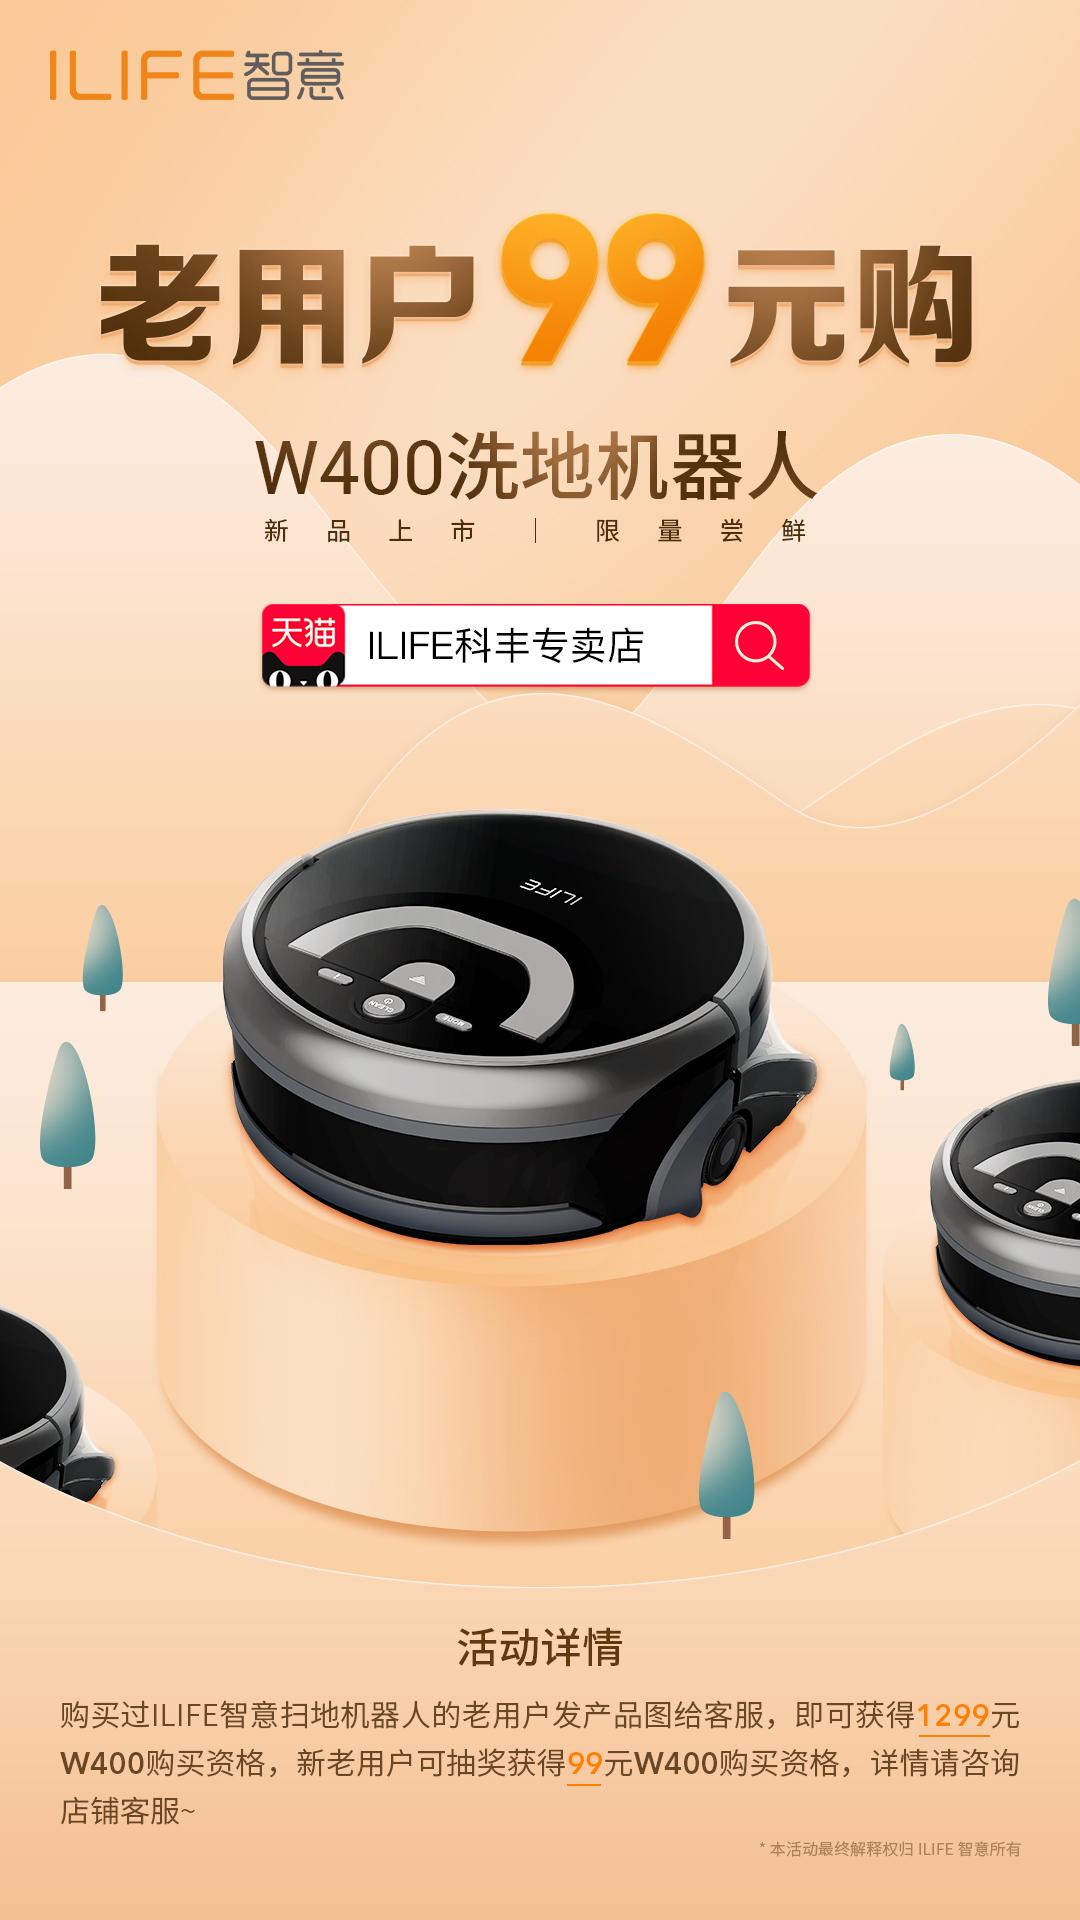 老用户福利!限量99元抢ILIFE智意新品W400洗地机器人